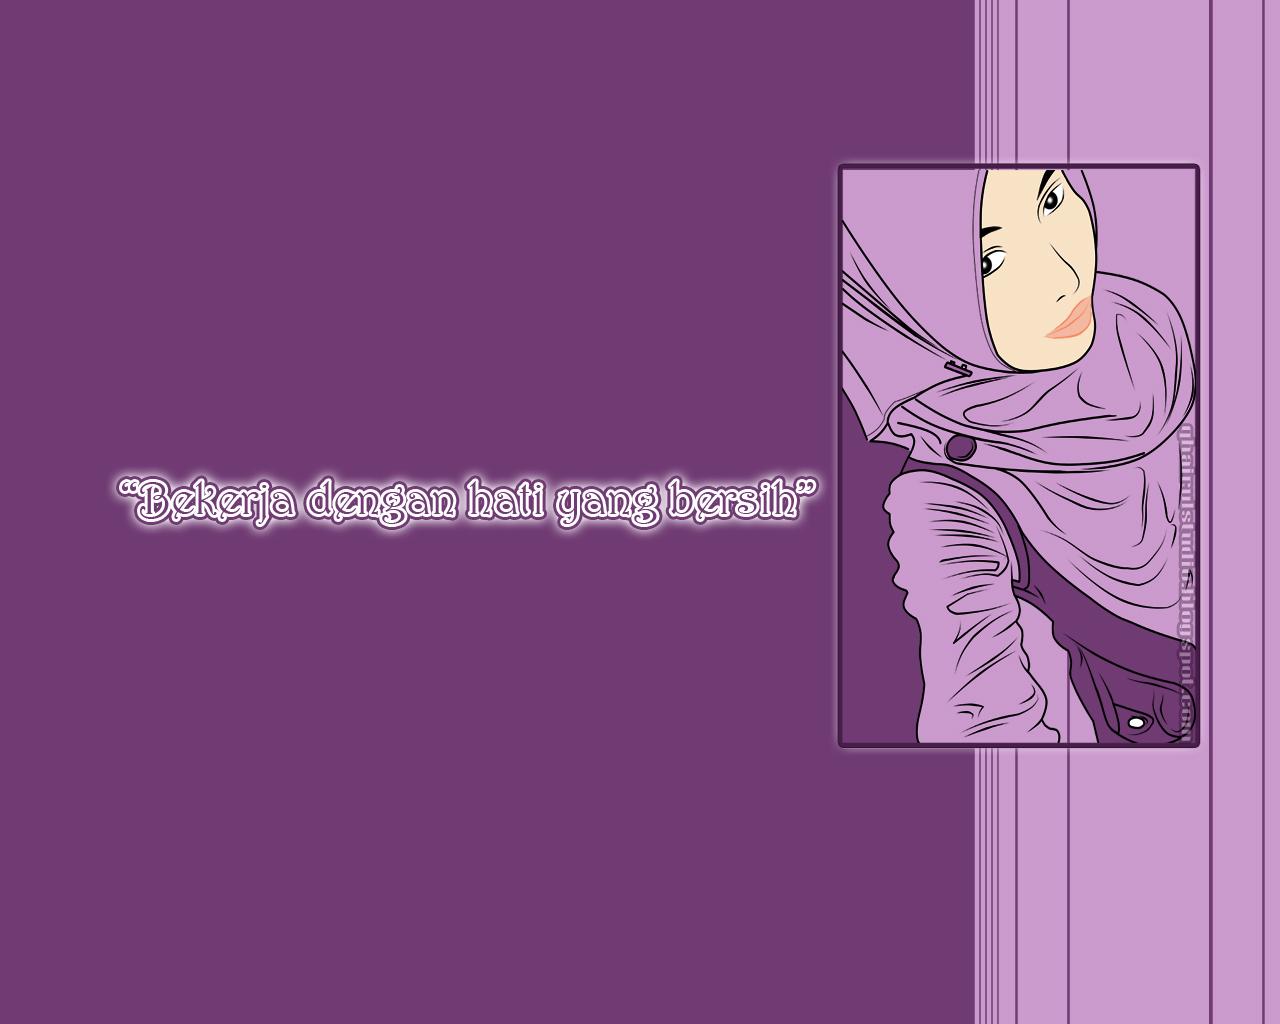 http://1.bp.blogspot.com/-zmzR2U7ZzxU/UN3j5shX7QI/AAAAAAAAAac/SPO3d3HYN-M/s1600/nisa+cartoon+4.jpg